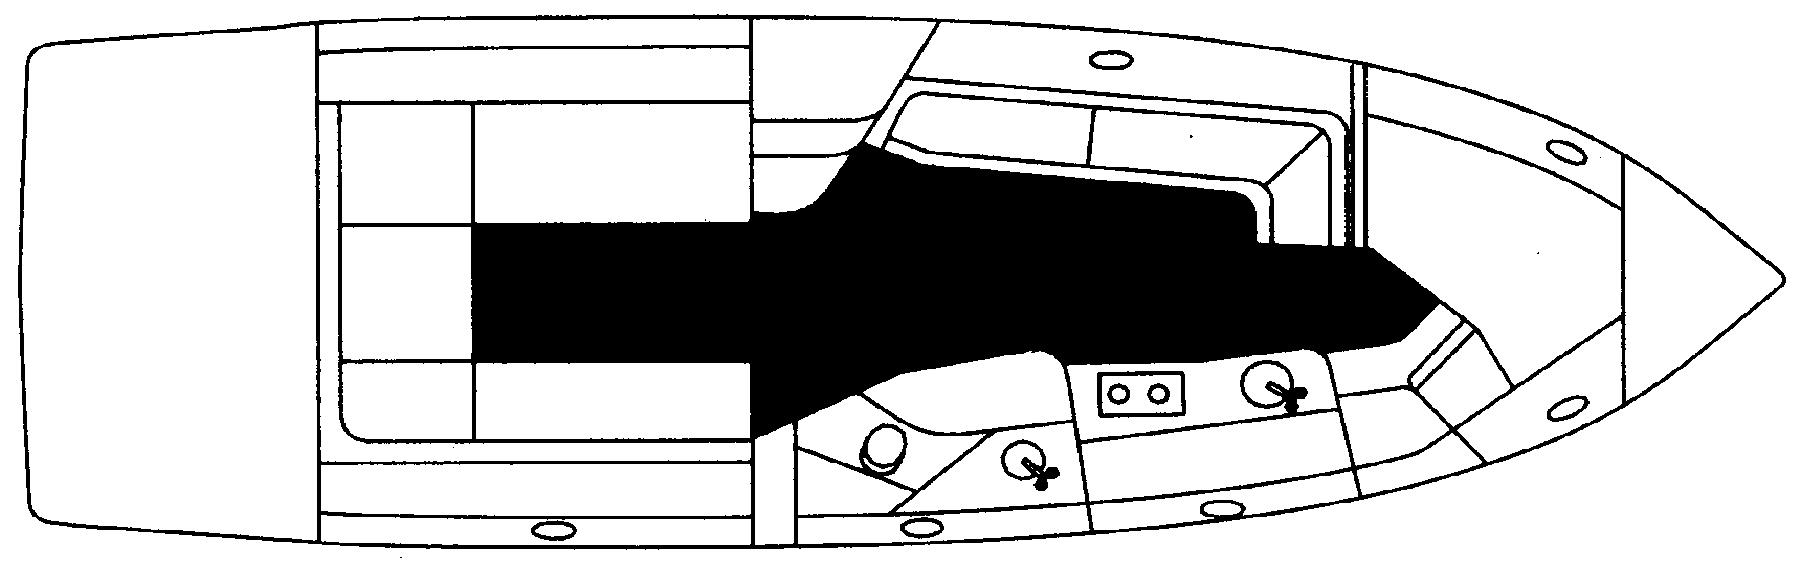 Ventura 9.8; 322-3260 Commodore Floor Plan 2